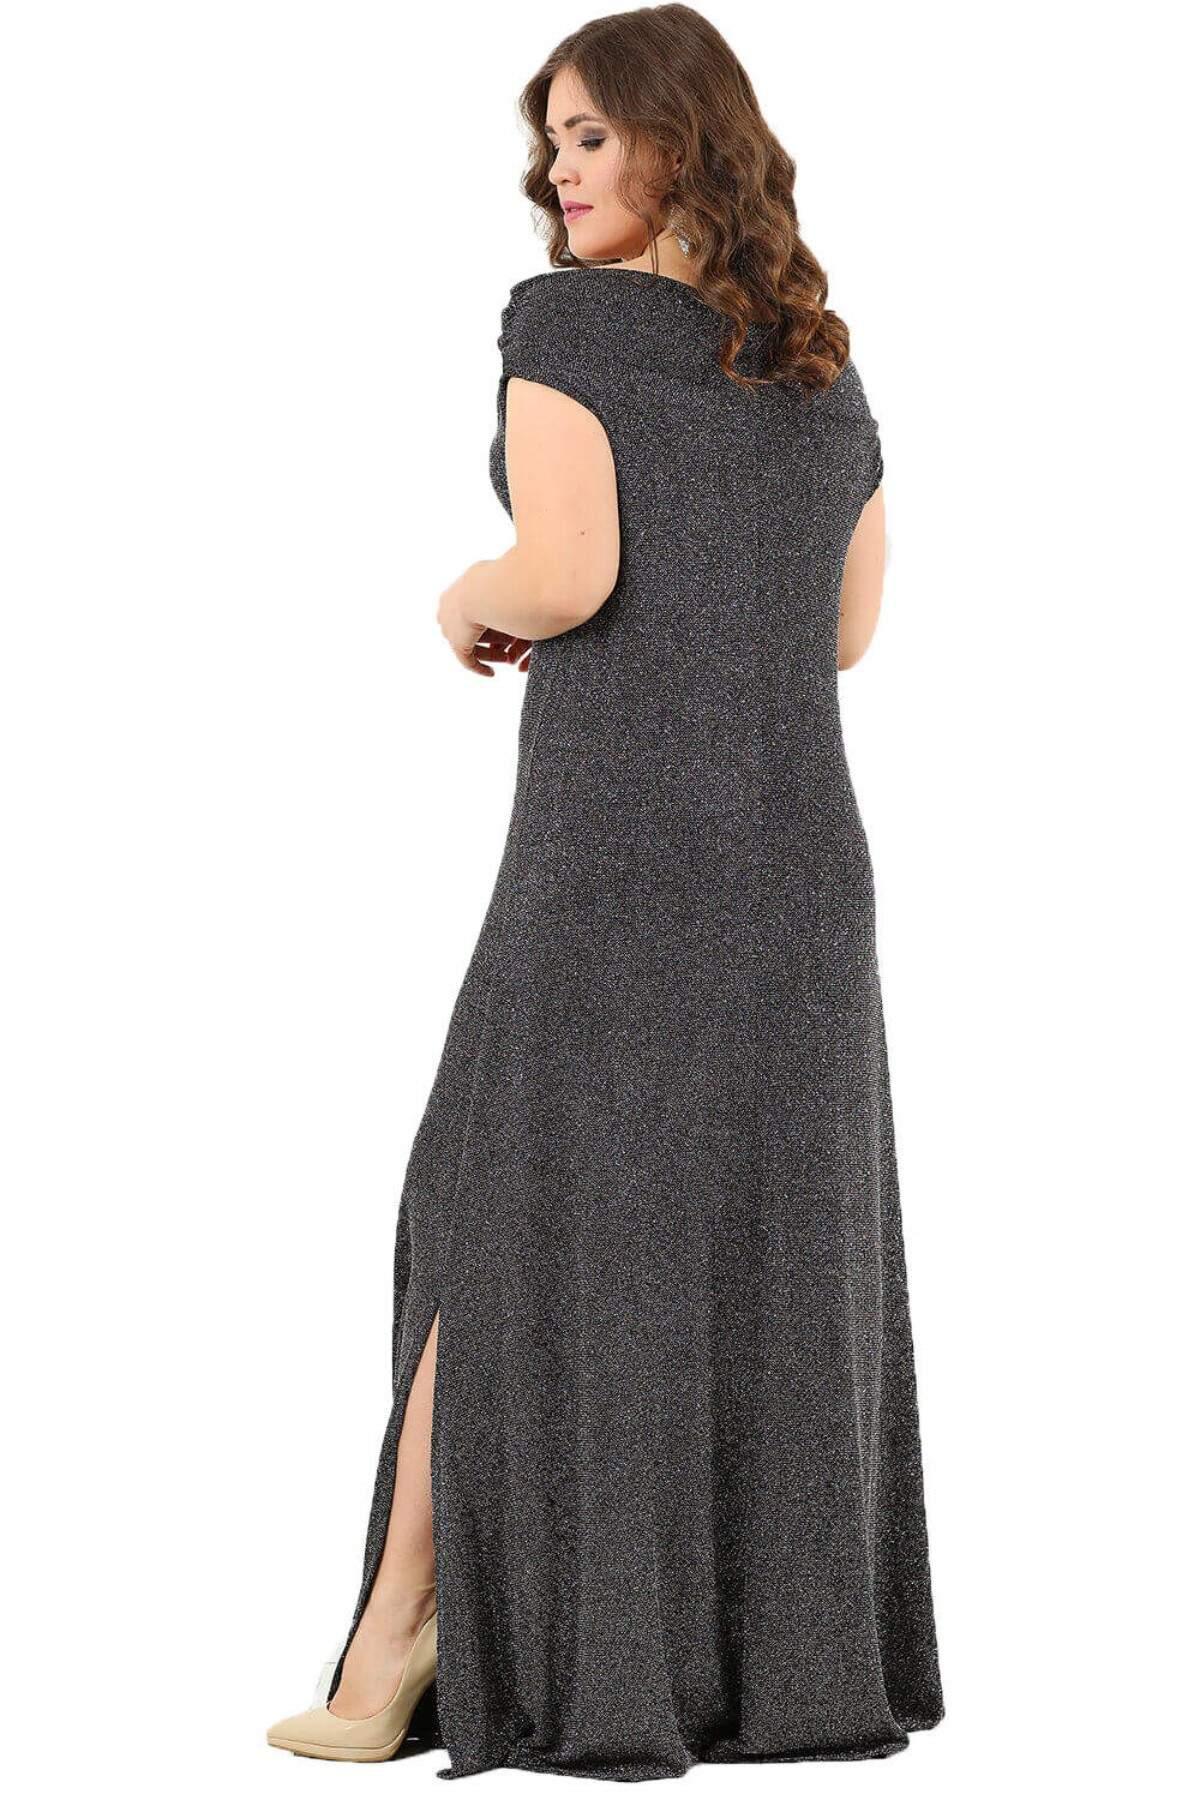 Öpücük Yaka Parıltılı Likralı Büyük Beden Uzun Abiye Elbise DD127